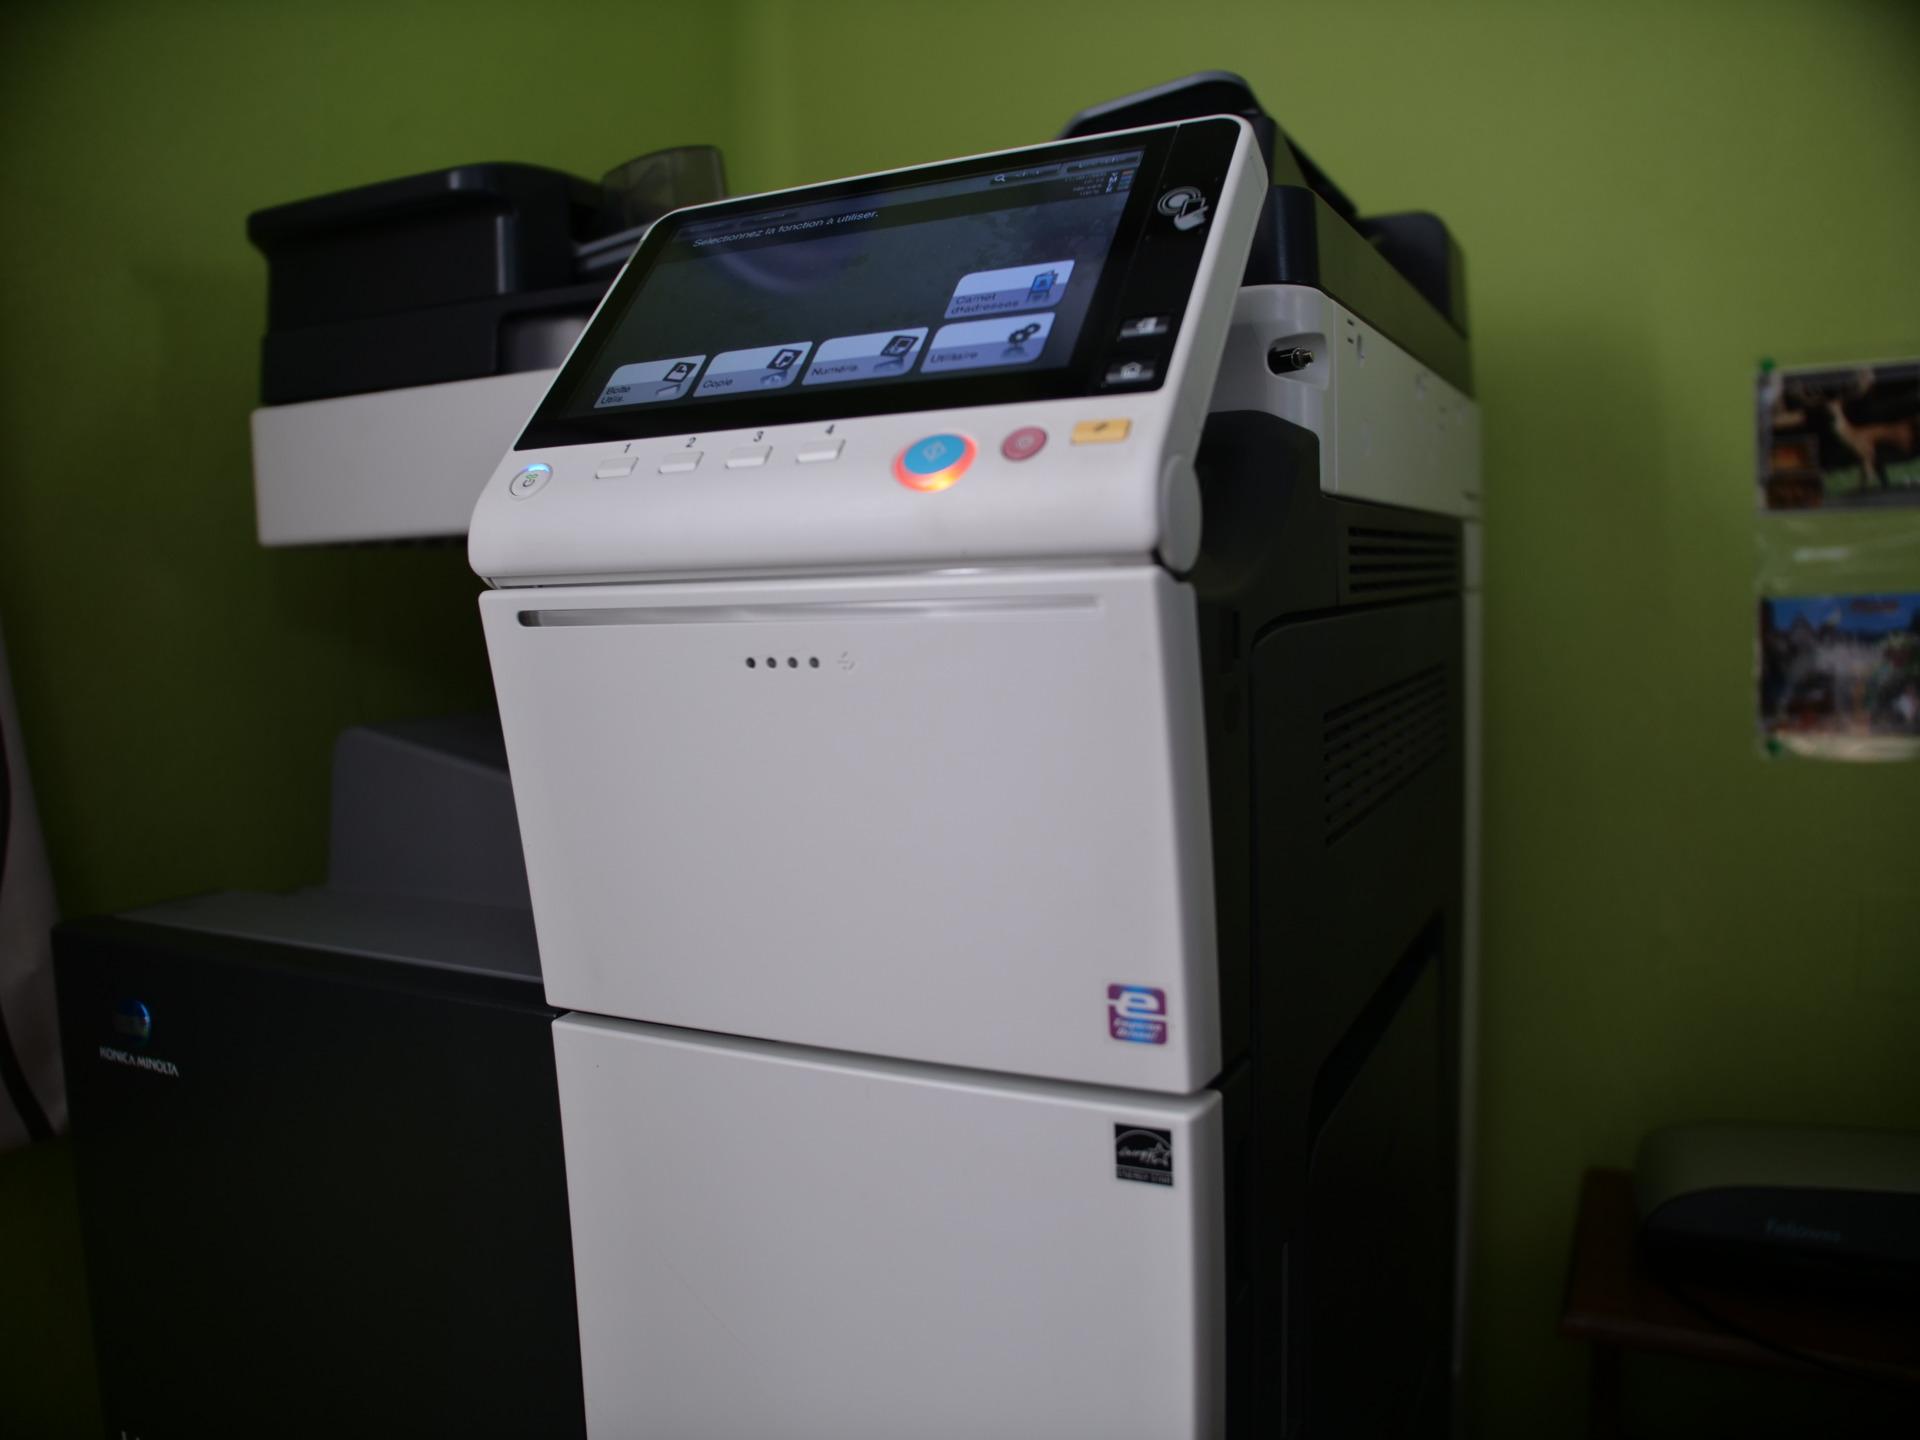 Impressions et photocopies - SEPI (Secrétariat Écaussinnois pour particuliers et indépendants)